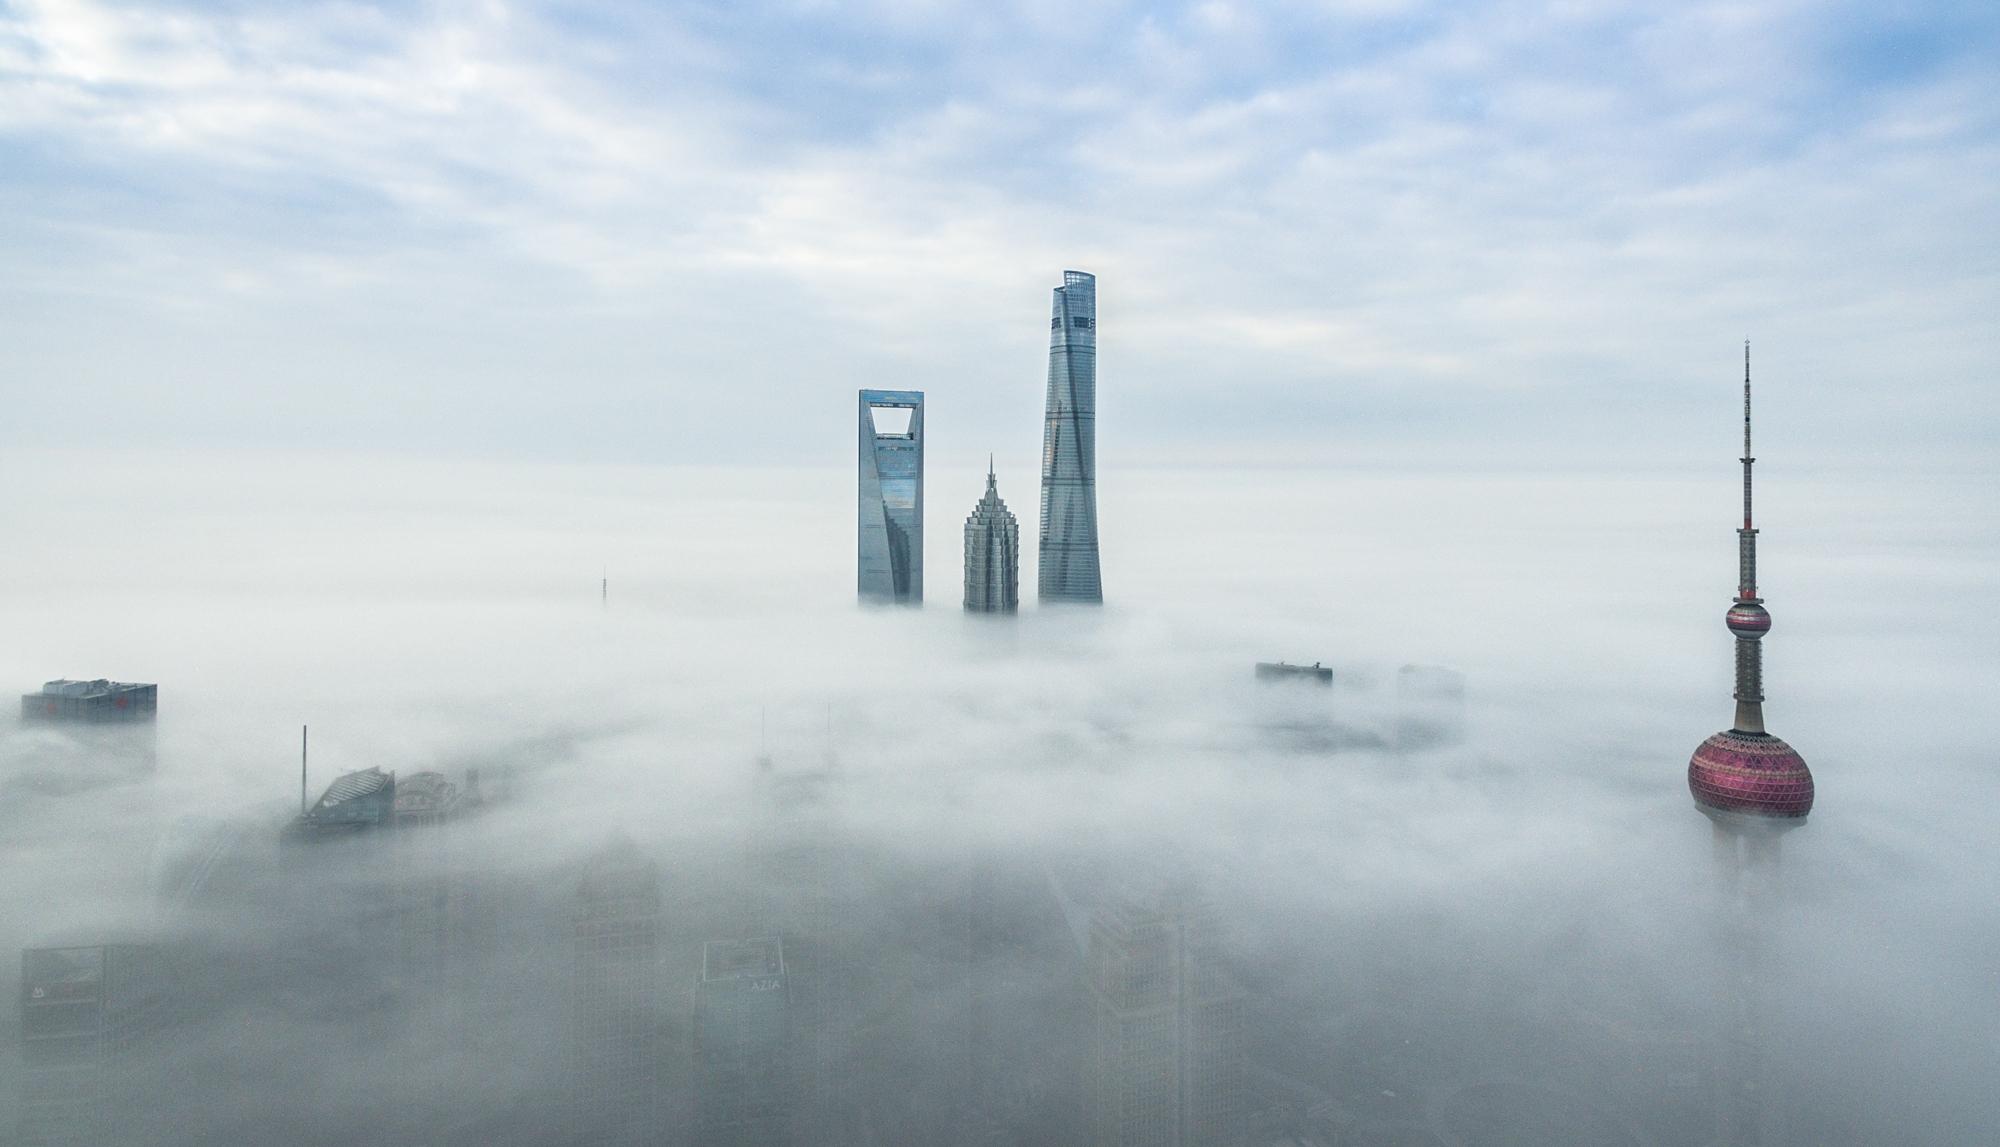 图片组城市·建筑类|第三届(2017)中国无人机摄影大赛